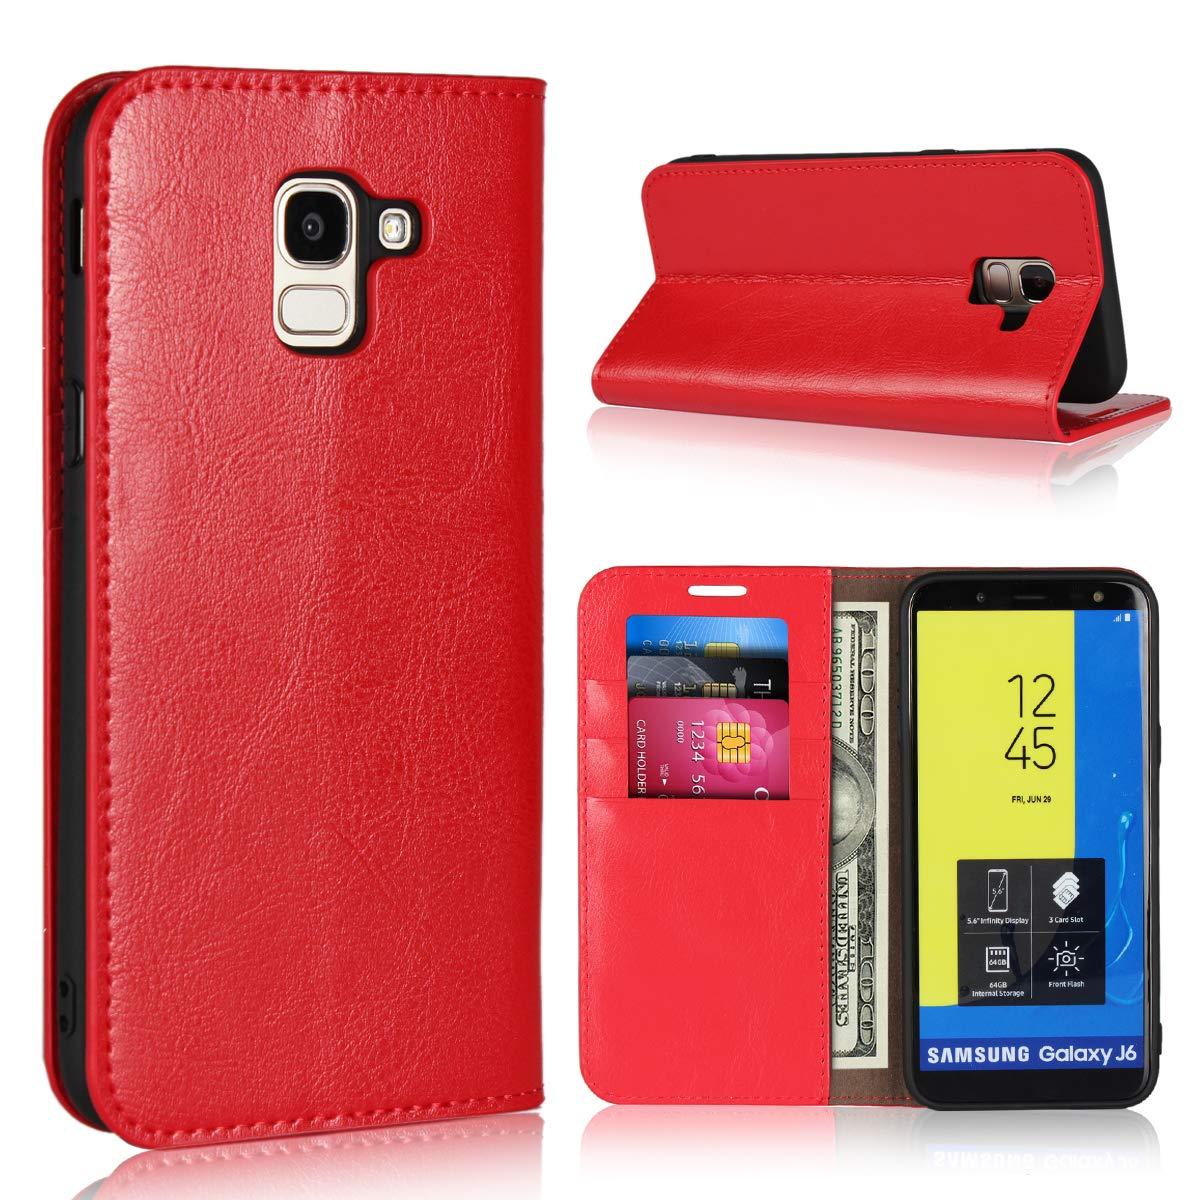 BoxTii Coque Galaxy J6 2018, Étui en Cuir de Protection Portefeuille Rabattable Housse avec Gratuit Protection D'écran en Verre Trempé pour Samsung Galaxy J6 2018 (Rouge) BOFR22-J62018-E04